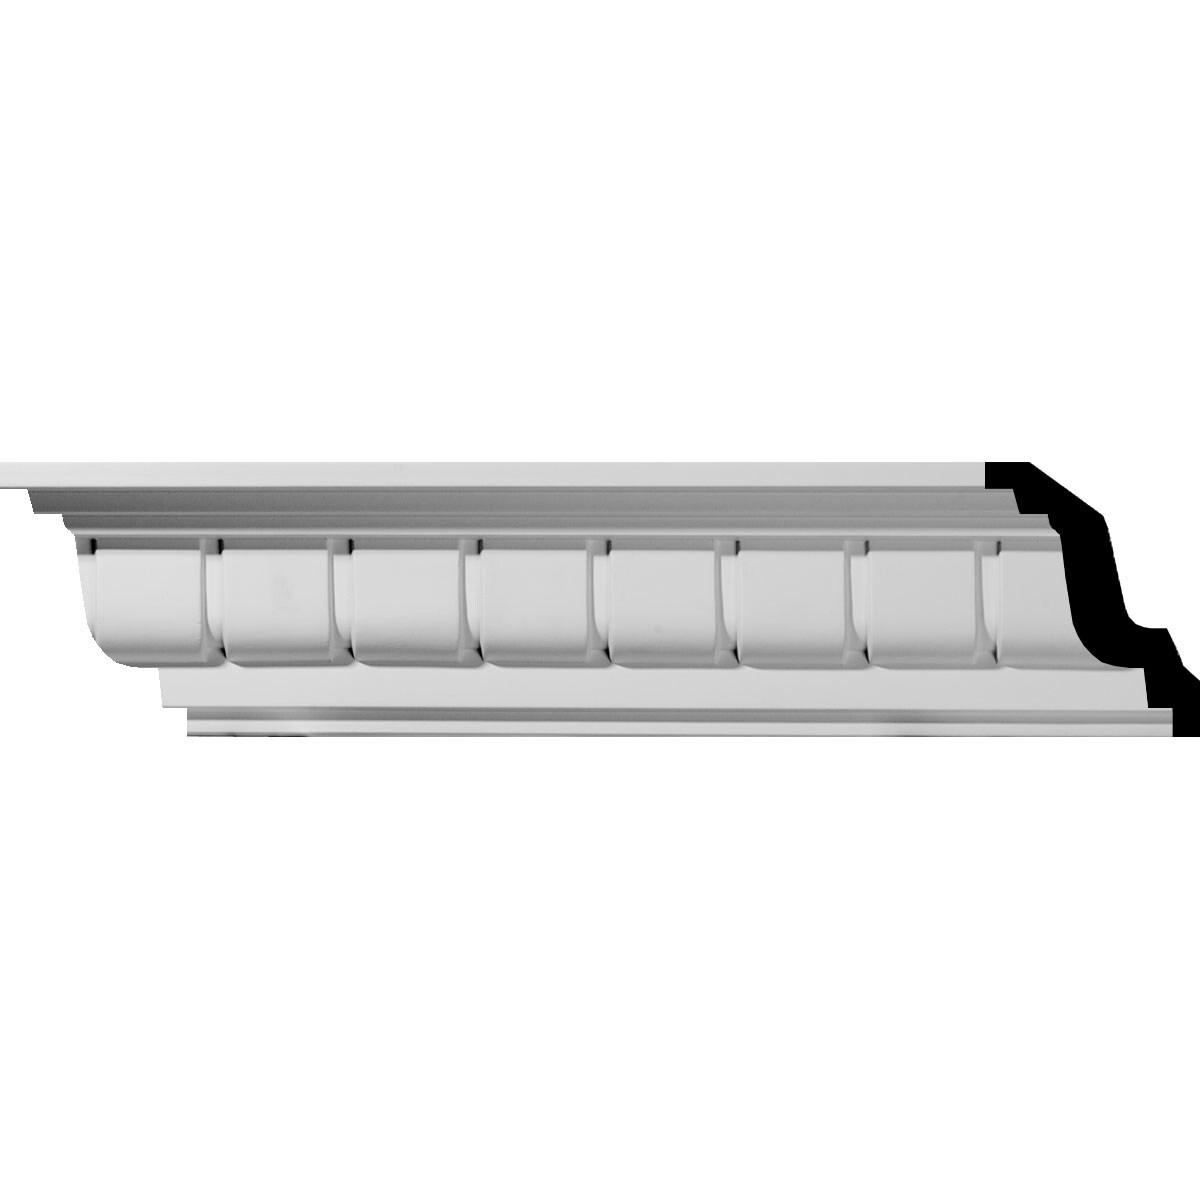 Eris Dentil Crown Moulding 4 1 4 H X 4 1 8 P X 5 1 4 F X 94 1 2 L Overstock 27129207